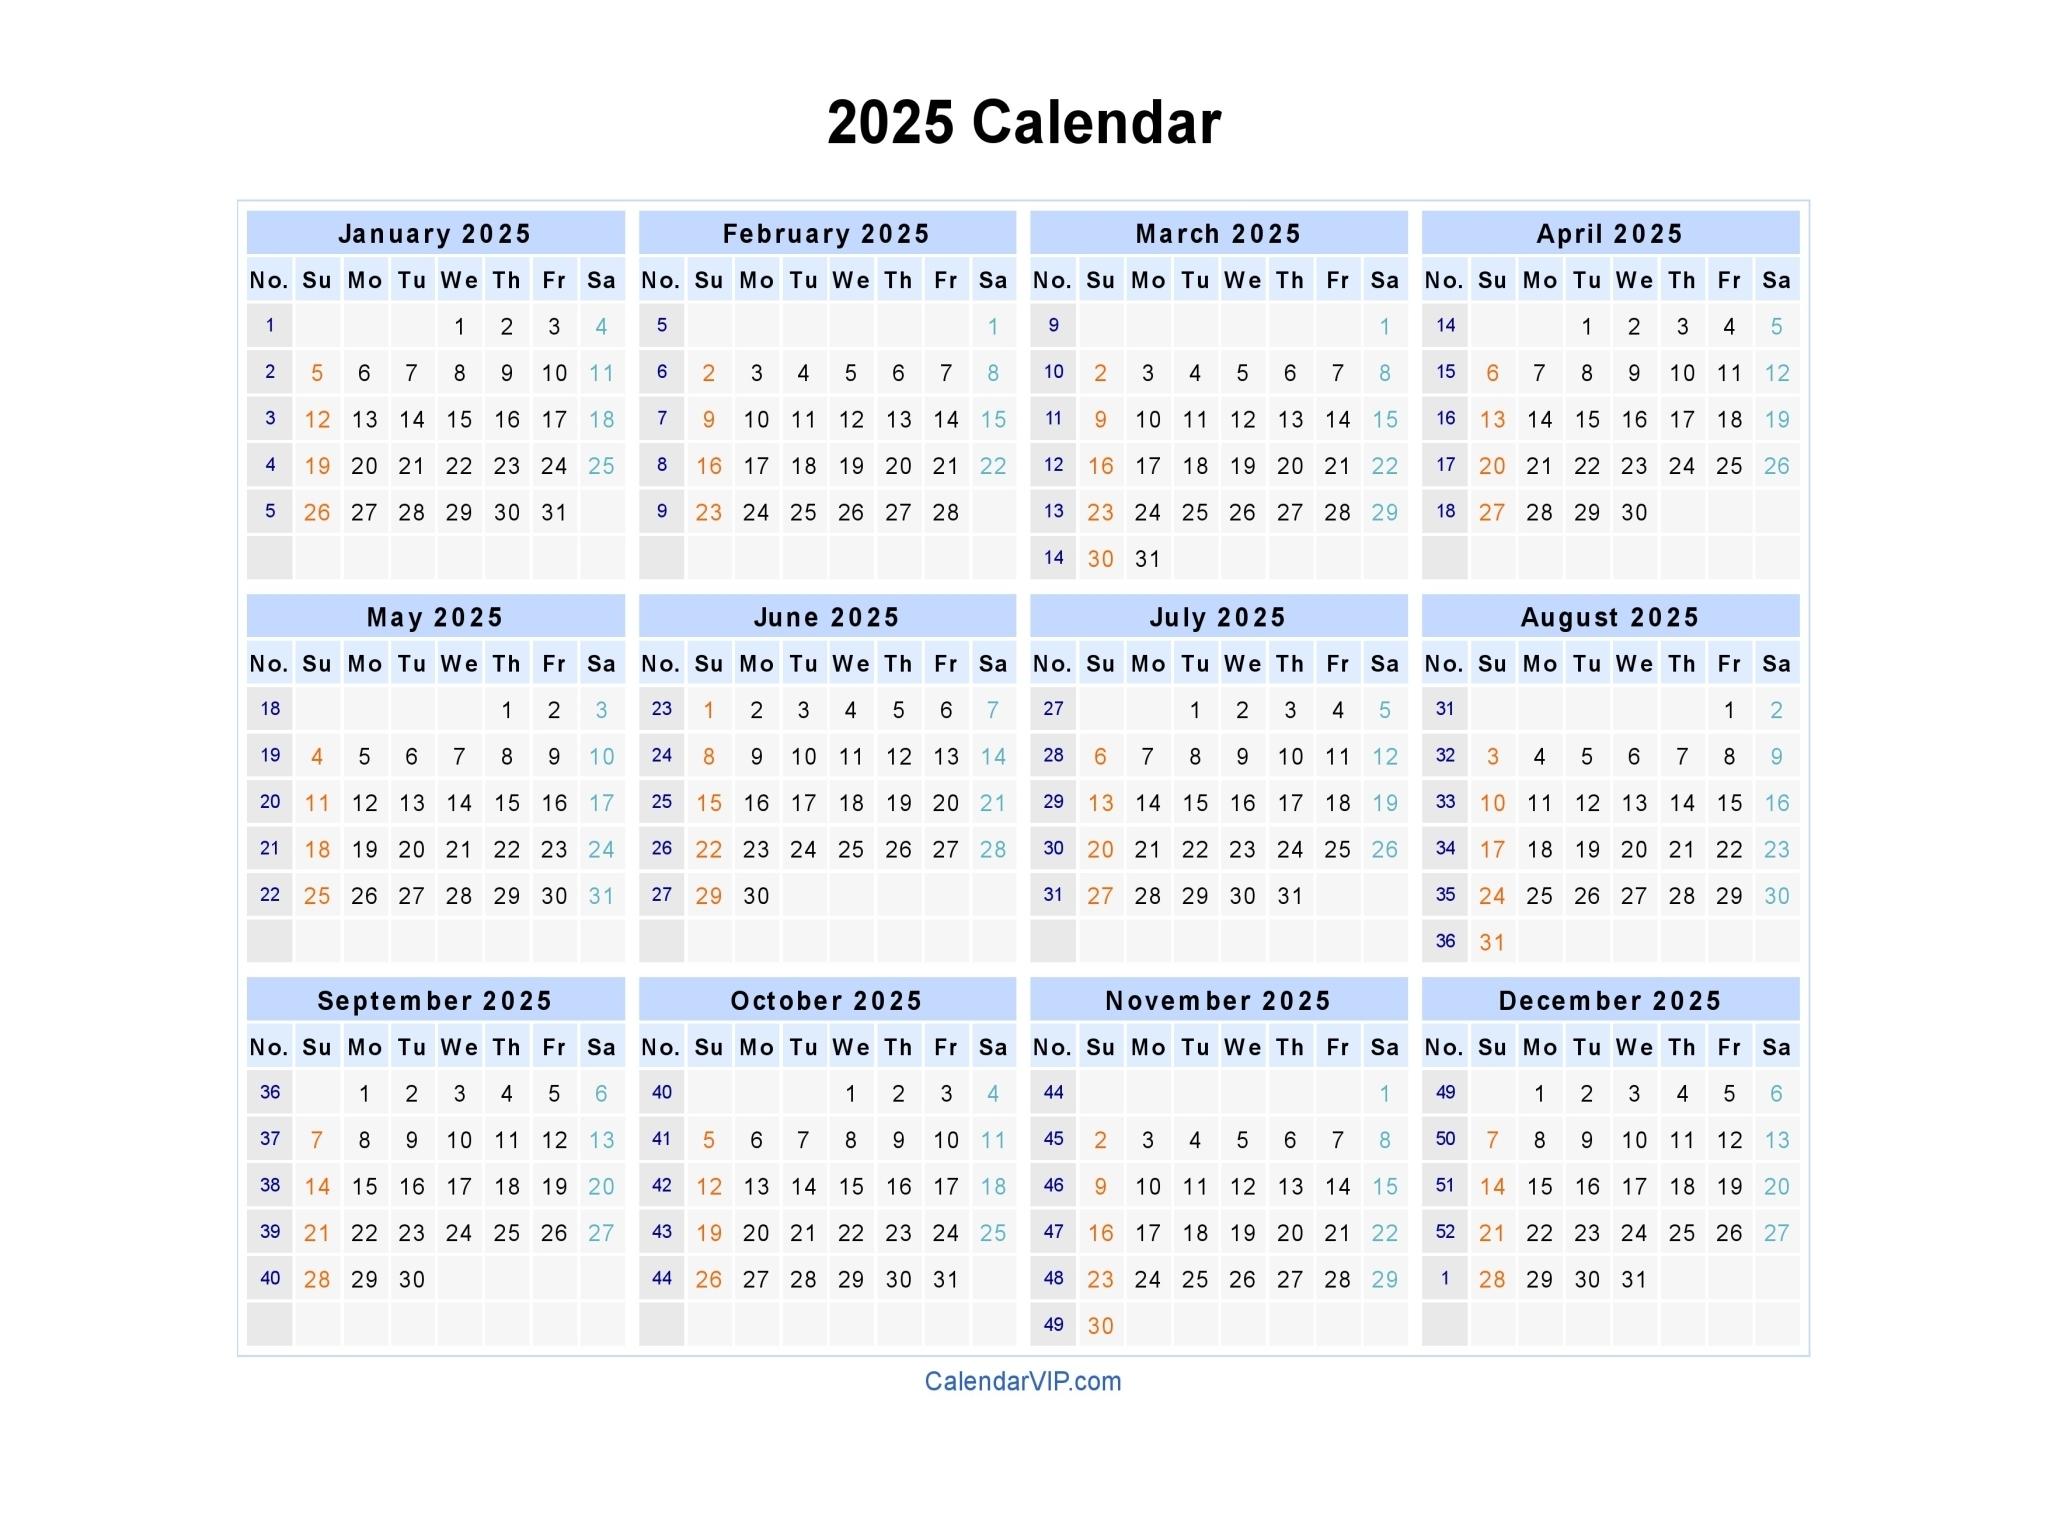 2025 Calendar - Blank Printable Calendar Template In Pdf Word Excel